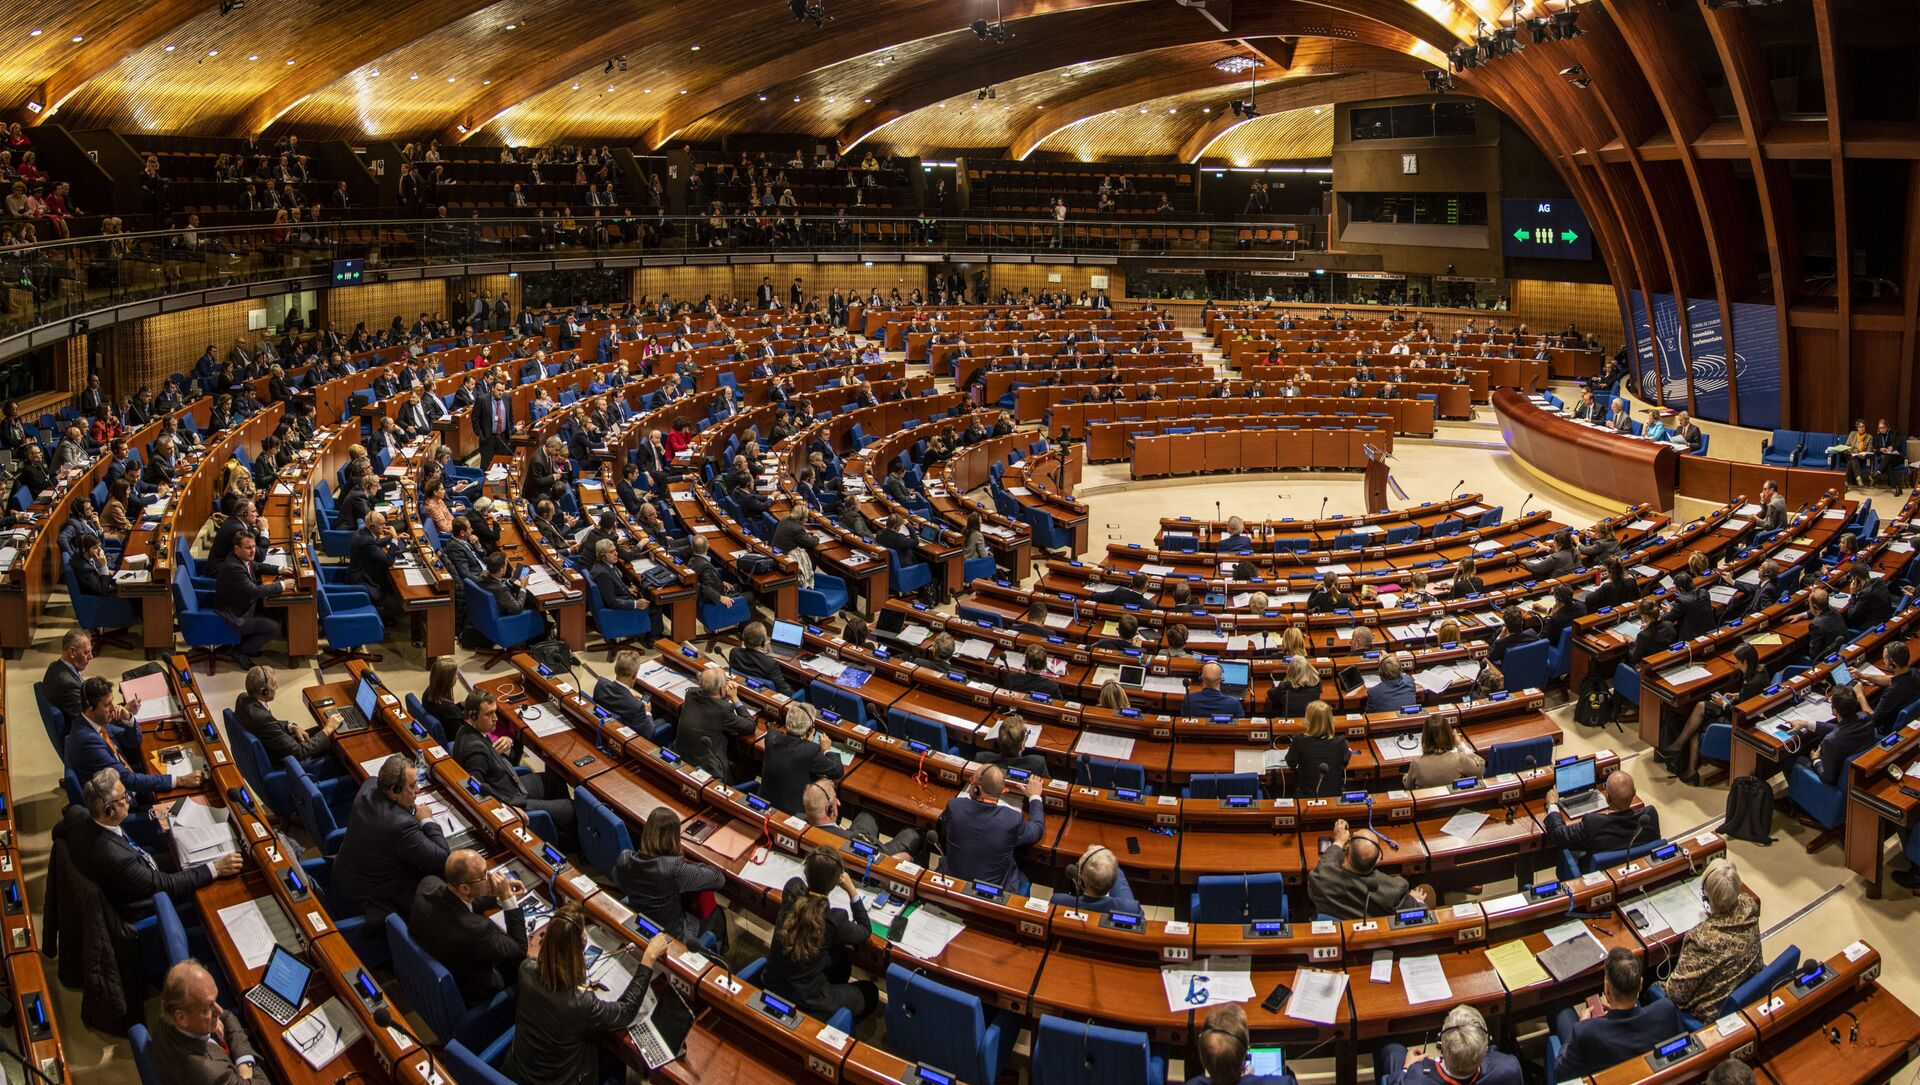 Заседание зимней сессии Парламентской ассамблеи Совета Европы (ПАСЕ) во французском Страсбурге, 27 января 2020 - Sputnik Азербайджан, 1920, 22.04.2021